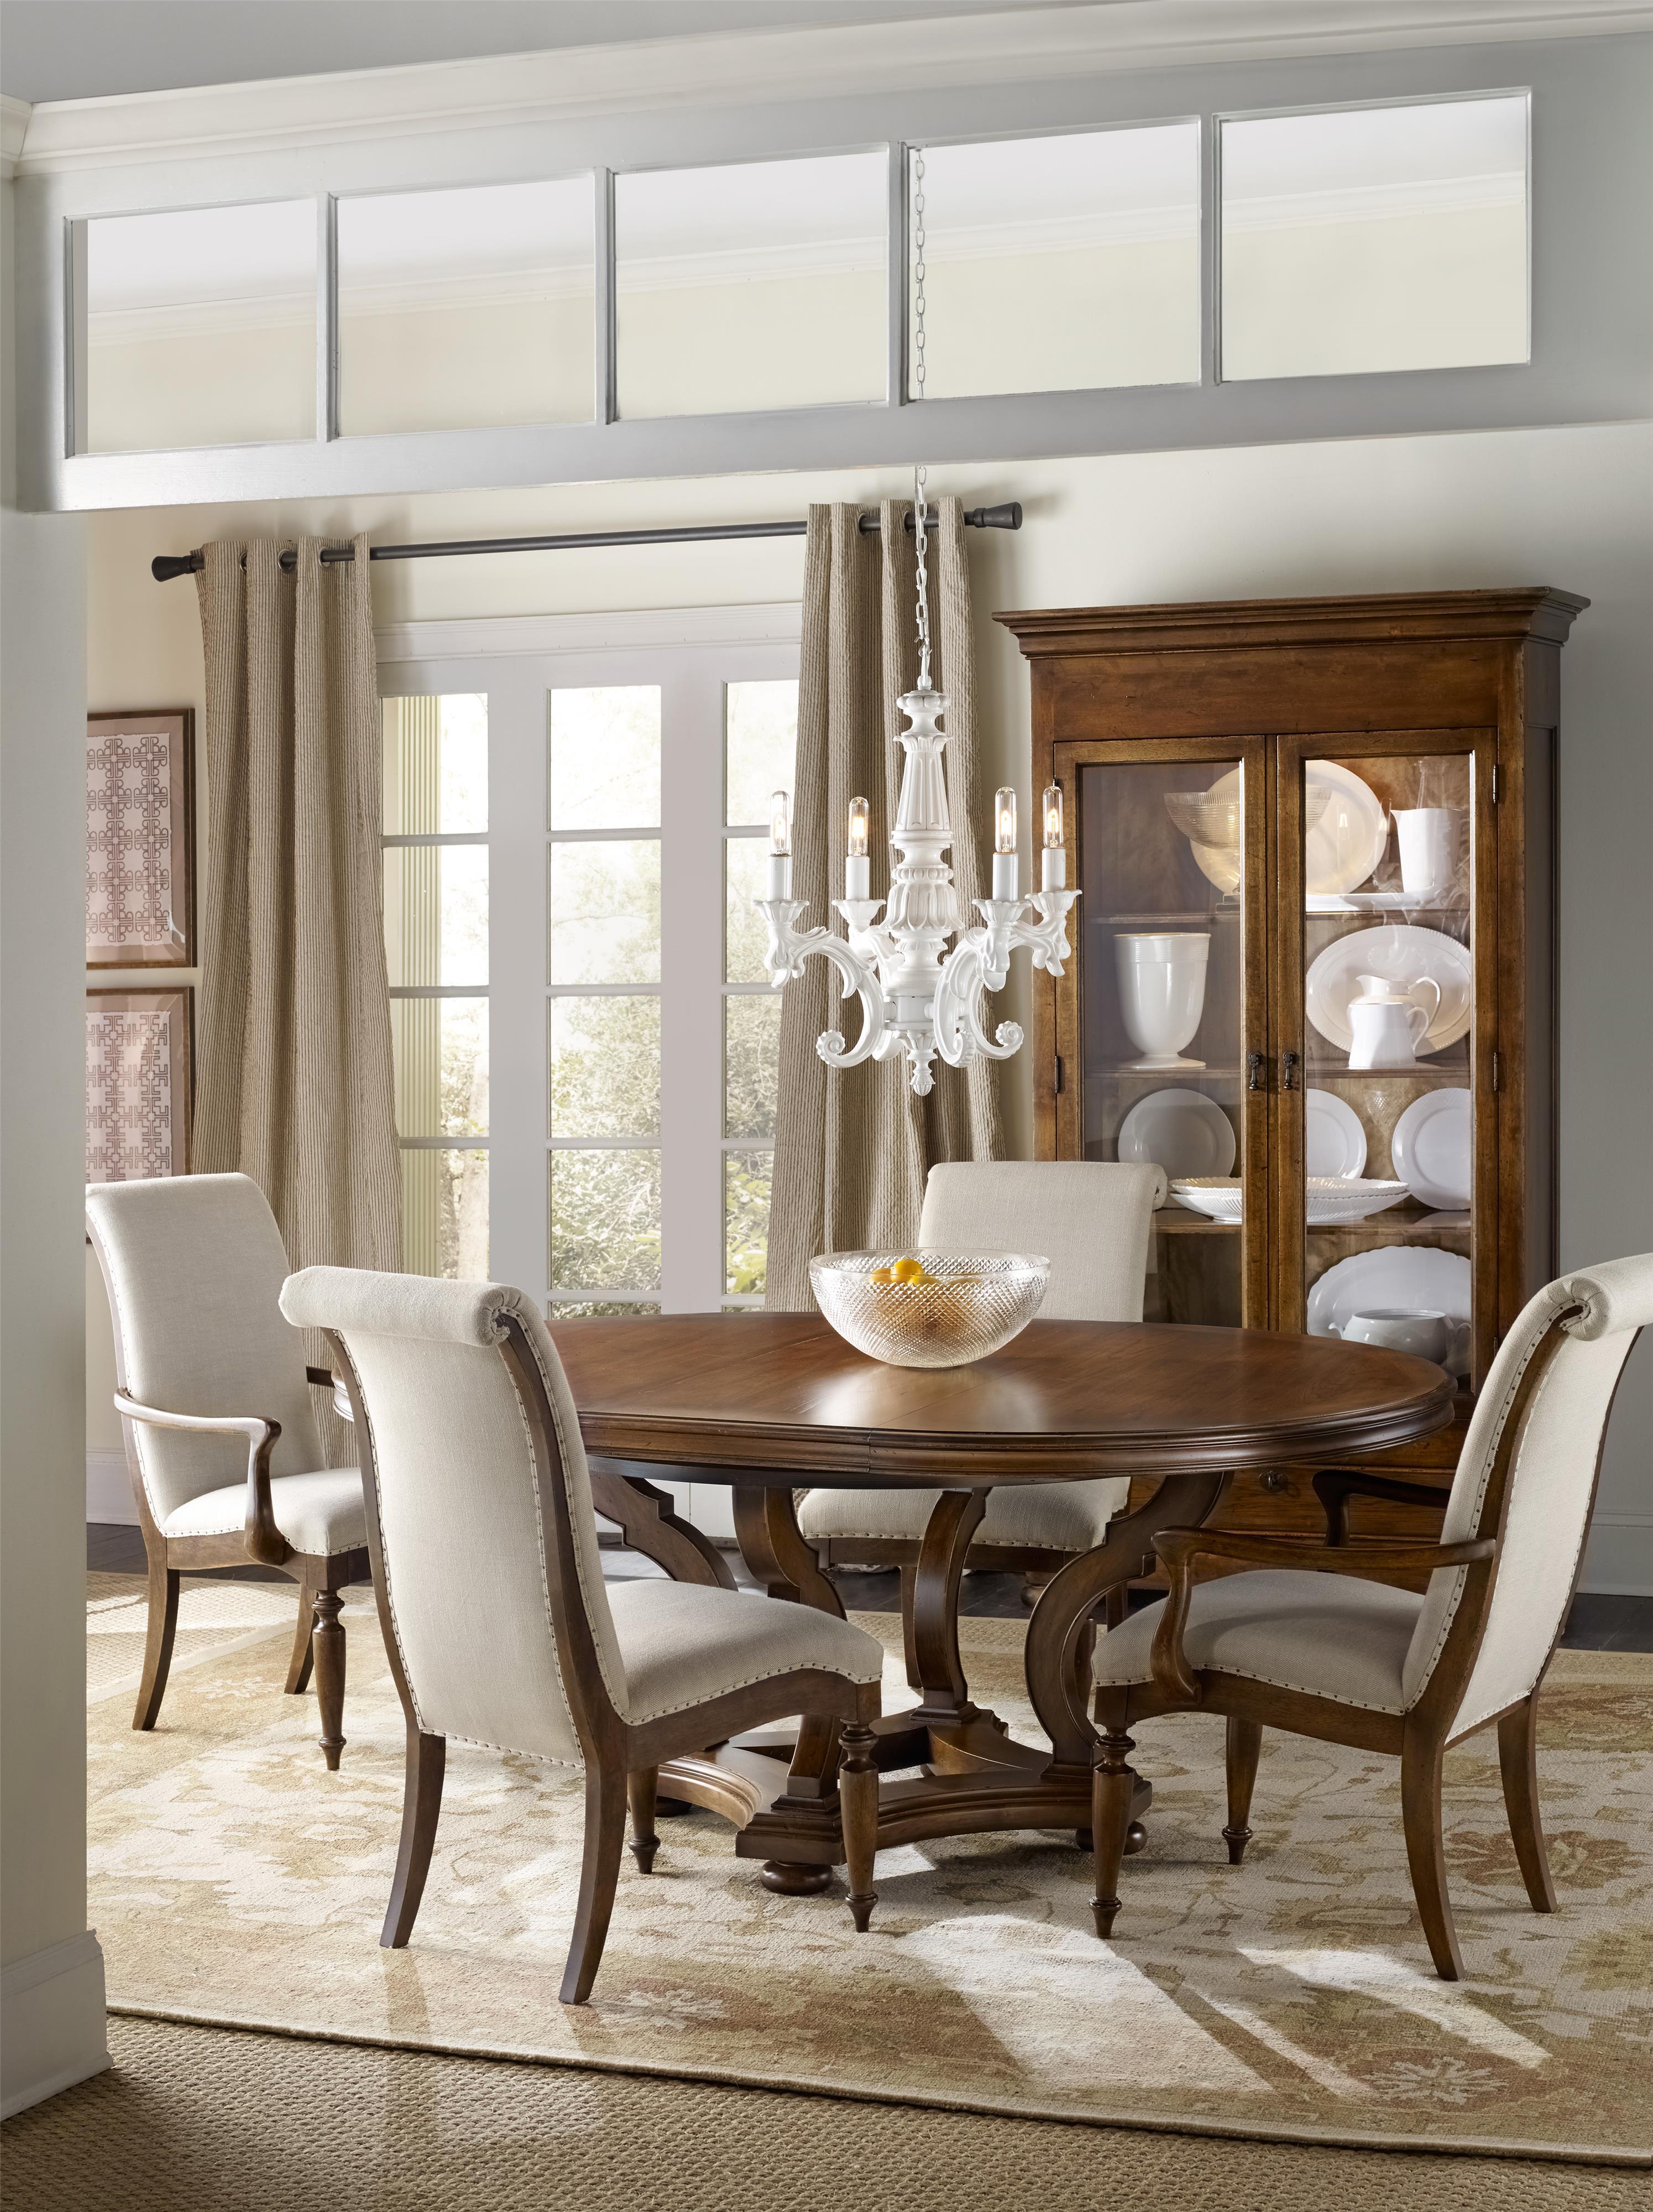 hooker furniture archivist formal dining room group dunk bright furniture formal dining. Black Bedroom Furniture Sets. Home Design Ideas